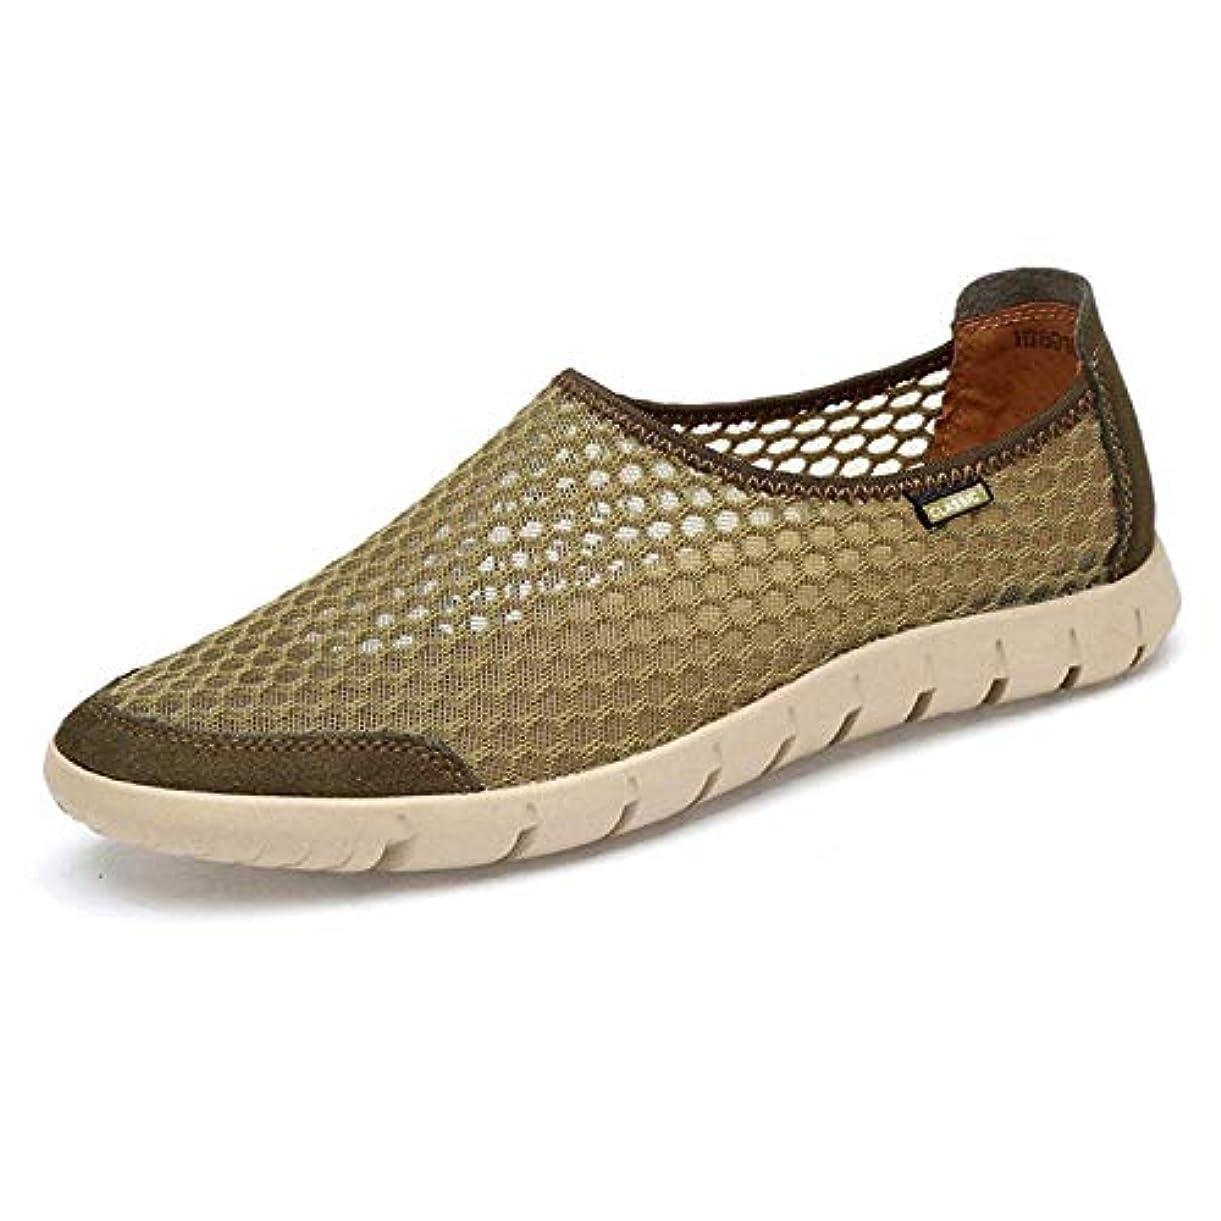 ダイエットバンドル自明メンズ カジュアルシューズ メッシュ ローファー スリッポン 夏 軽い 屈曲性 ドライビングシューズ 通気性 大きいサイズ 防滑 柔らかい おしゃれ かっこいい 革靴 かっこいい 快適 4色 22.5CM-29.0CM